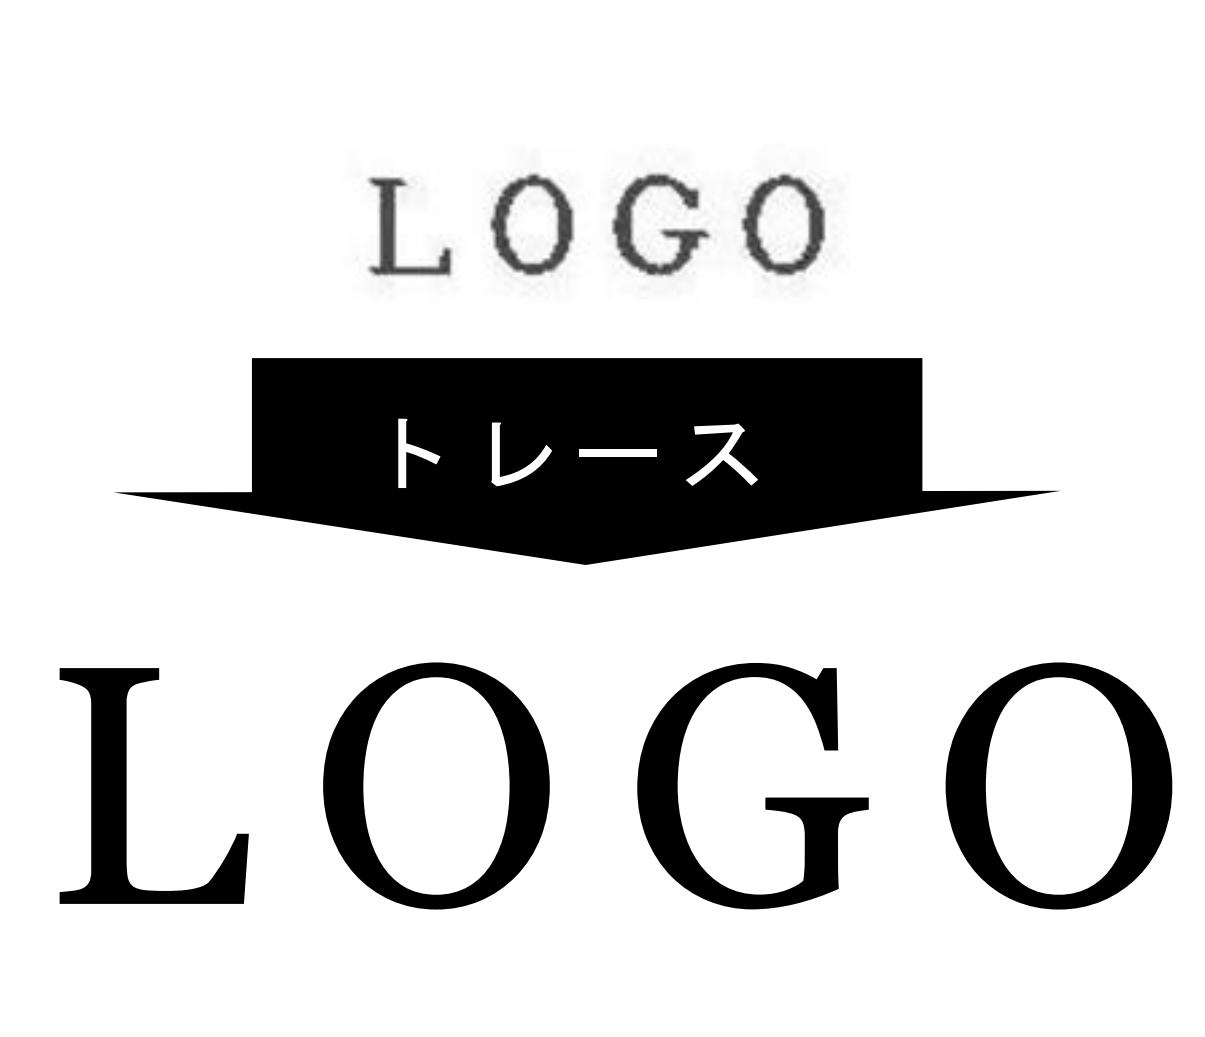 露ギヤイラストをトレースします ロゴの印刷物はあるのにデータがないなど